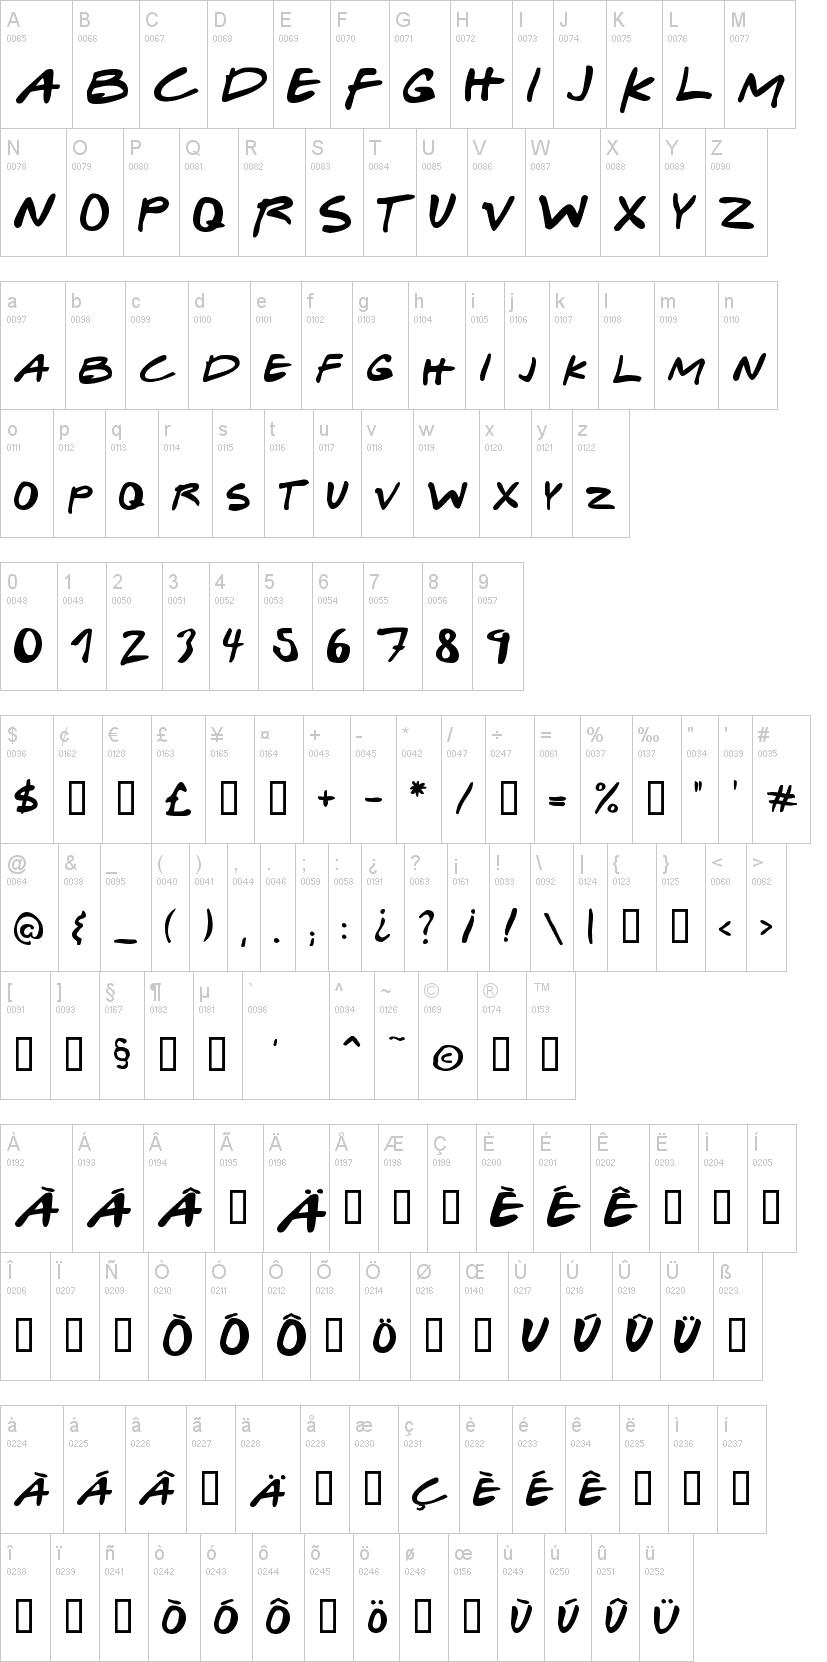 Download Gabriel Weiss' Friends Font | dafont.com | Friends font ...